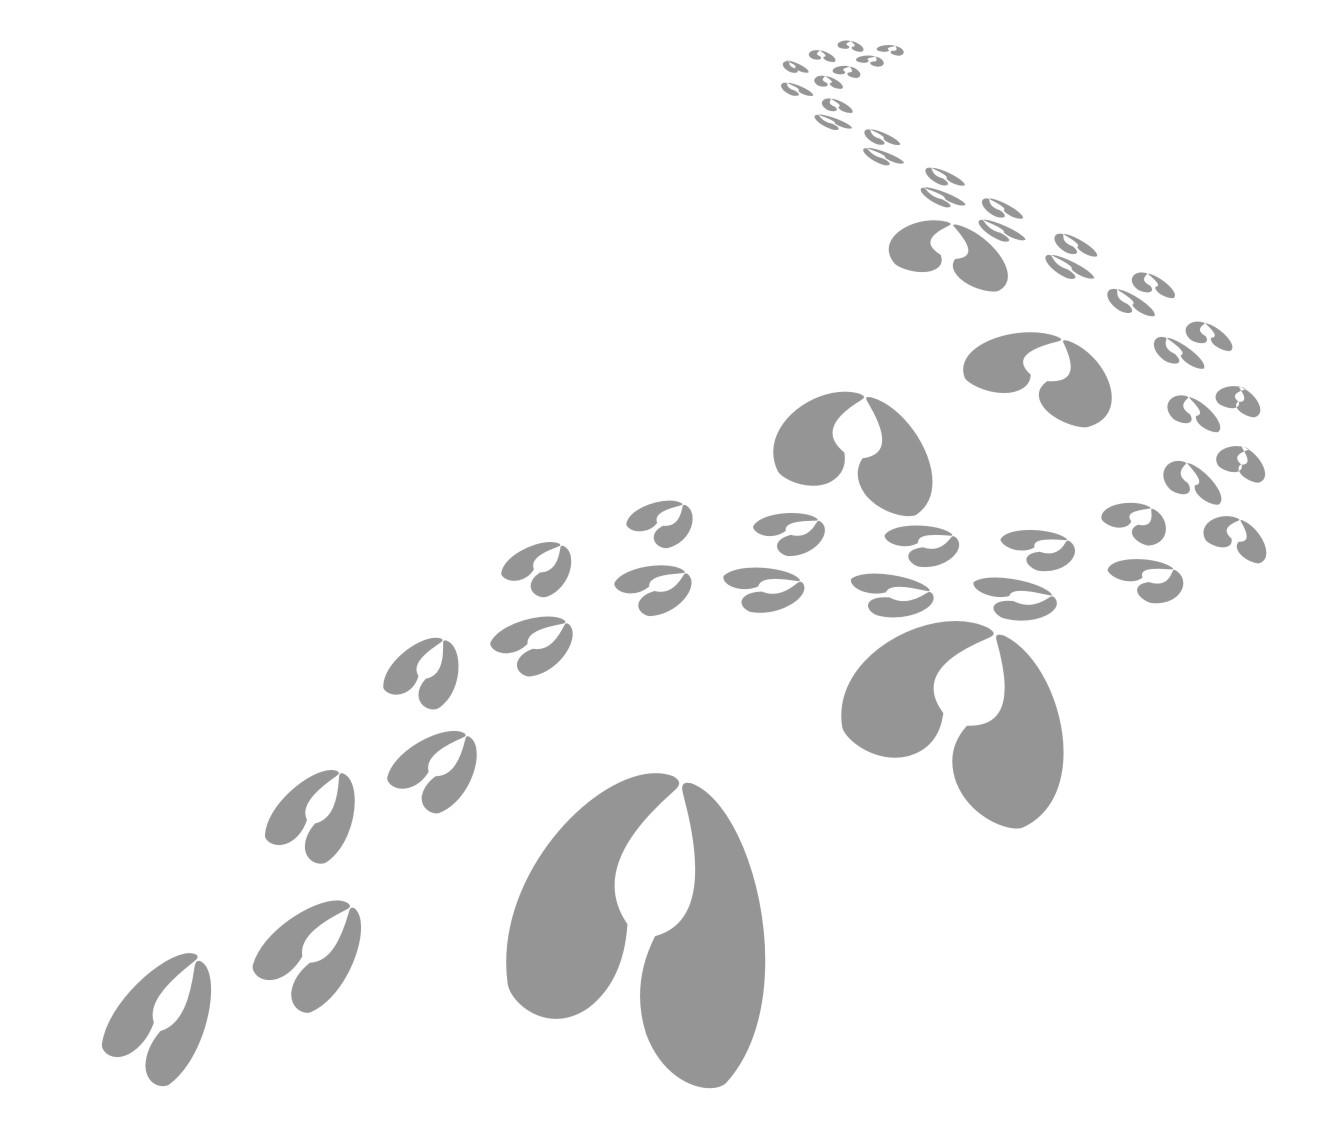 Hoofprints Clipart